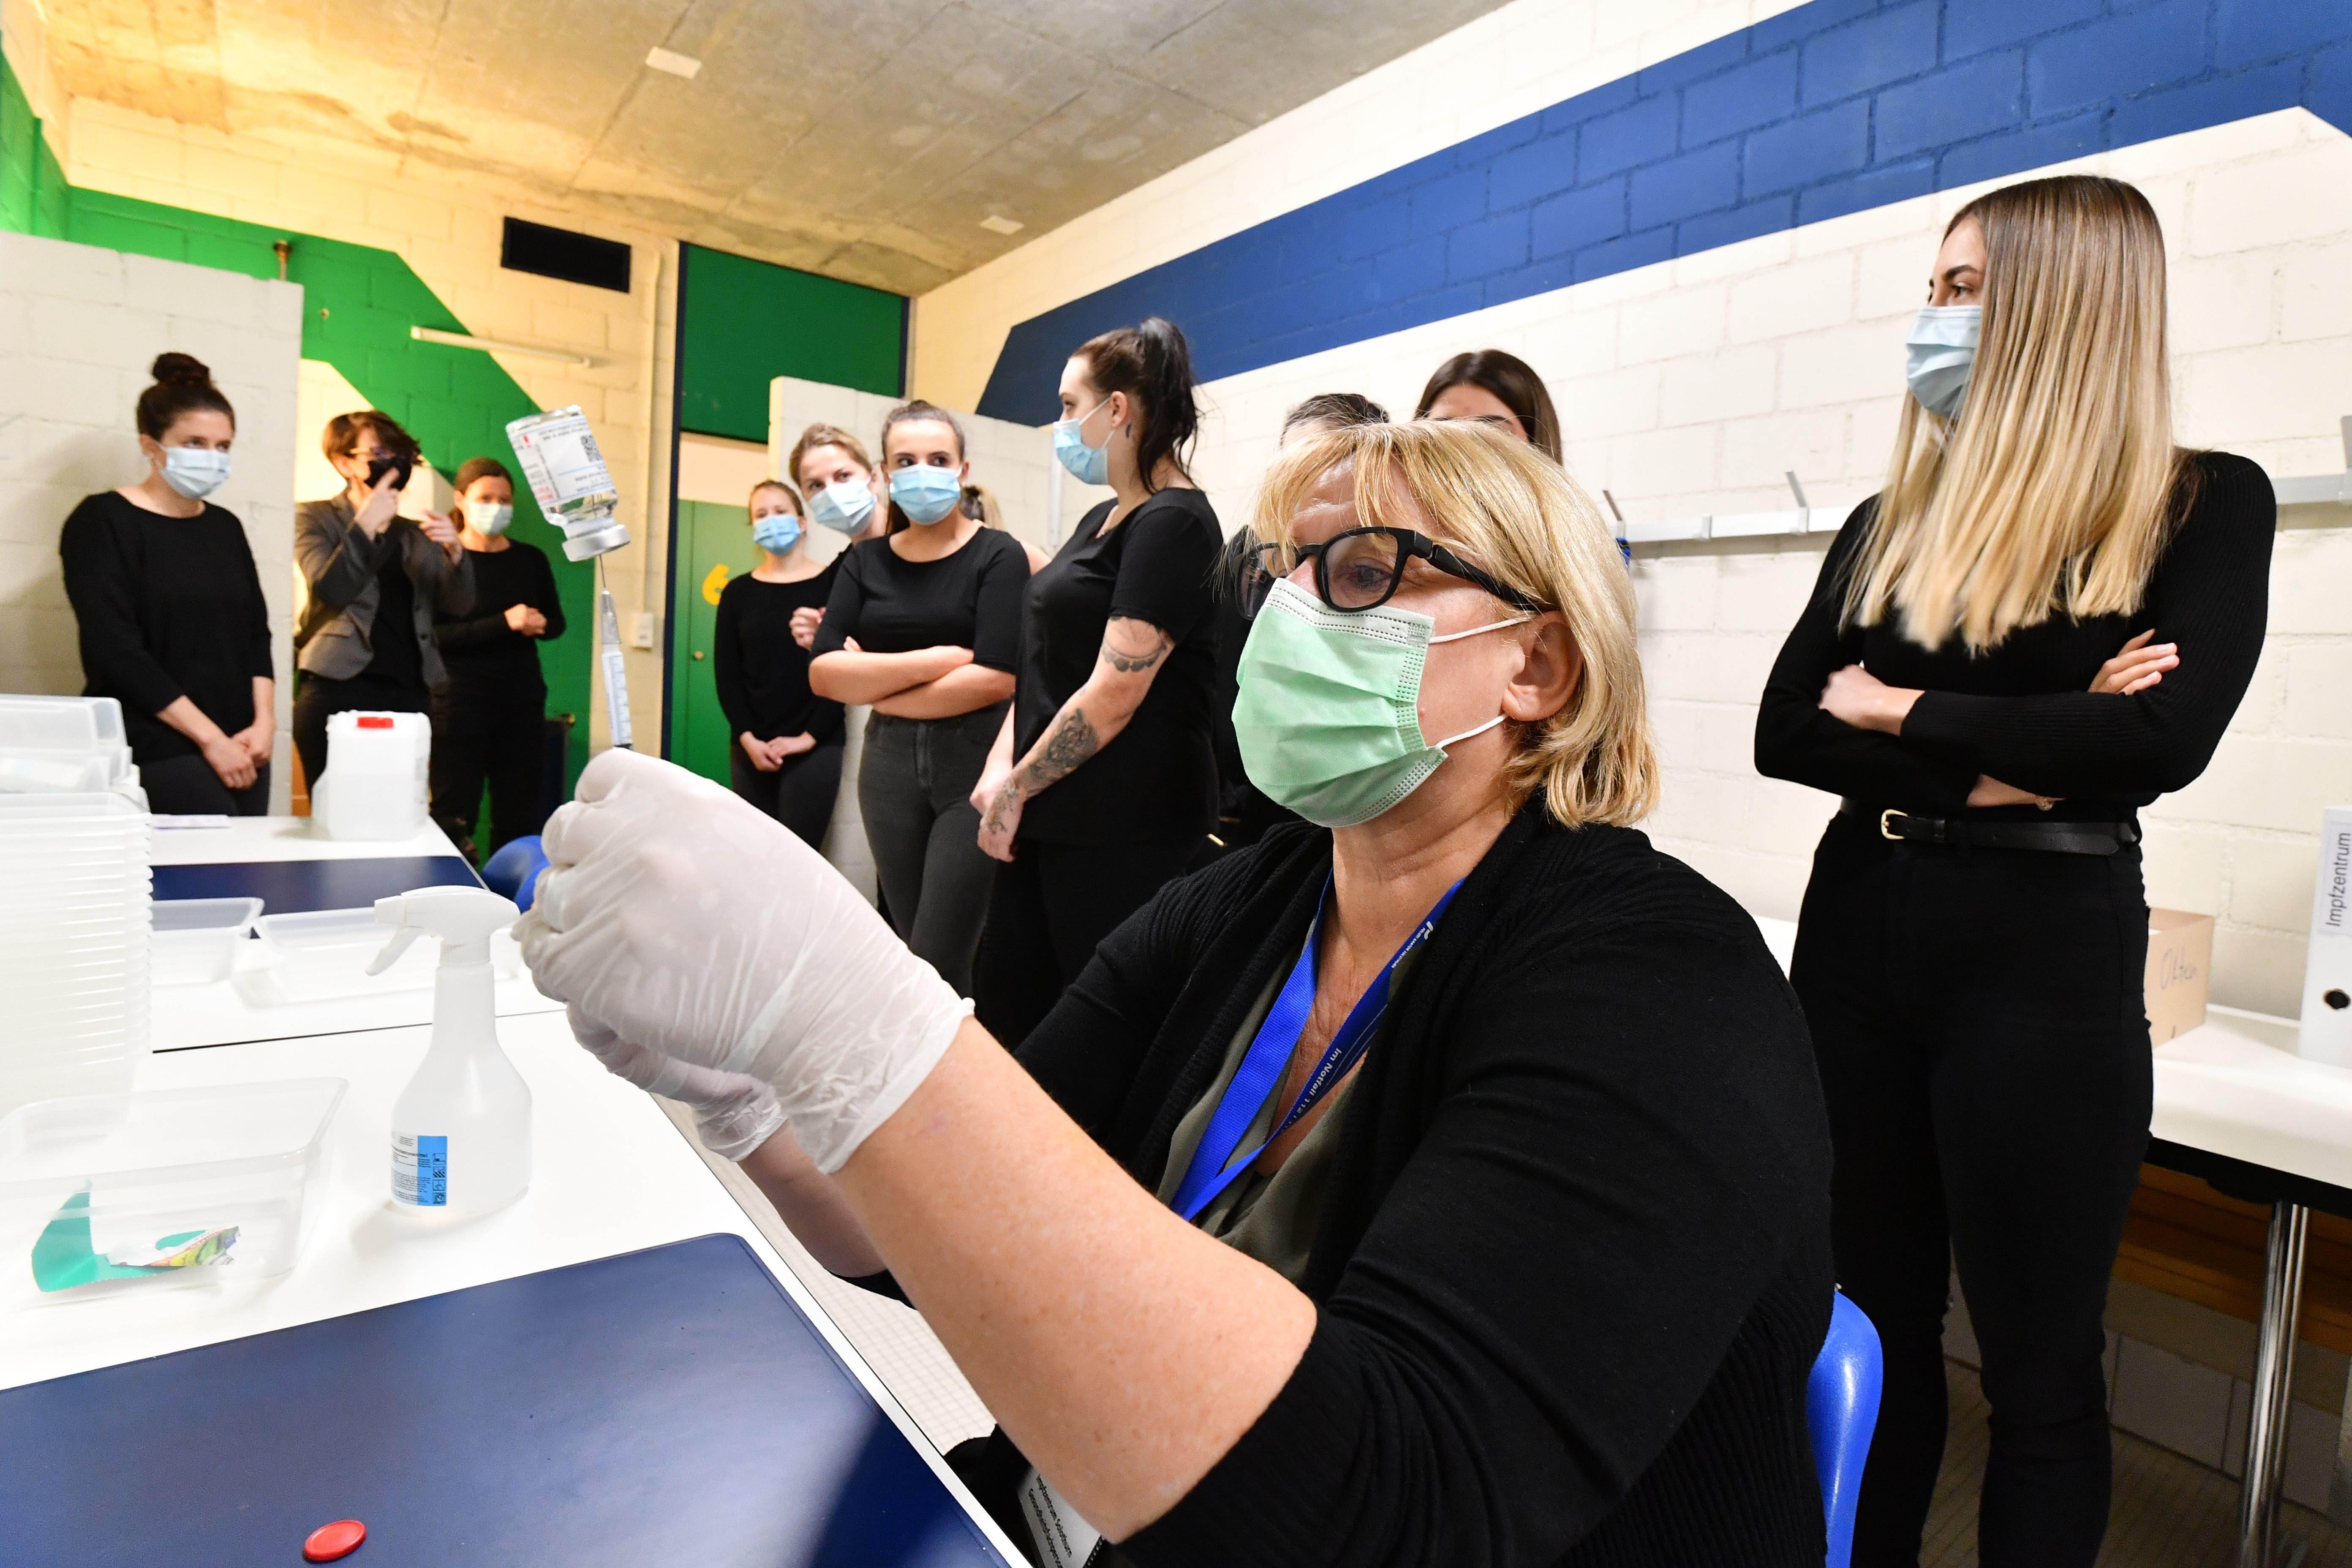 Schichtleiterin und Pflegefachfrau Marion Rauber zeigt den angehenden Pflegefachfrauen vom BBZ Olten, wie die Impfdosen aufgezogen werden.